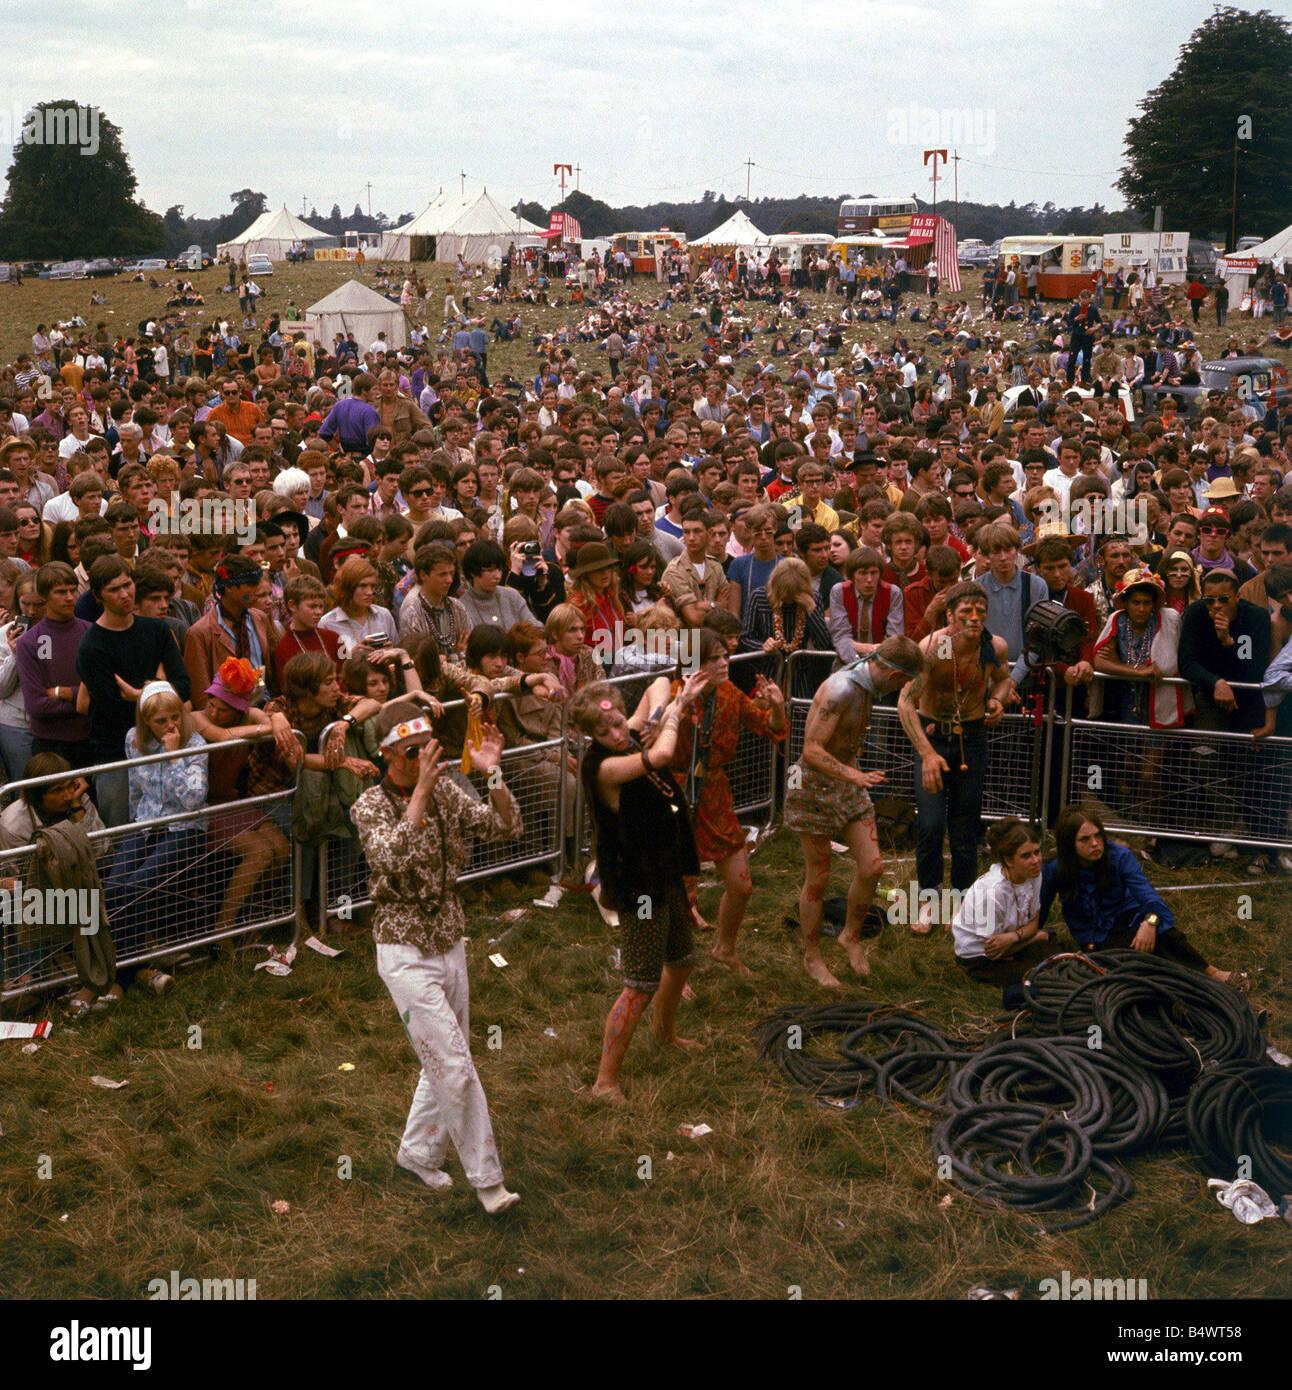 e8563ca06141 1960 ropa de moda 1960 Festival de la flor de niños en Woburn Abbey Hippies  bailando